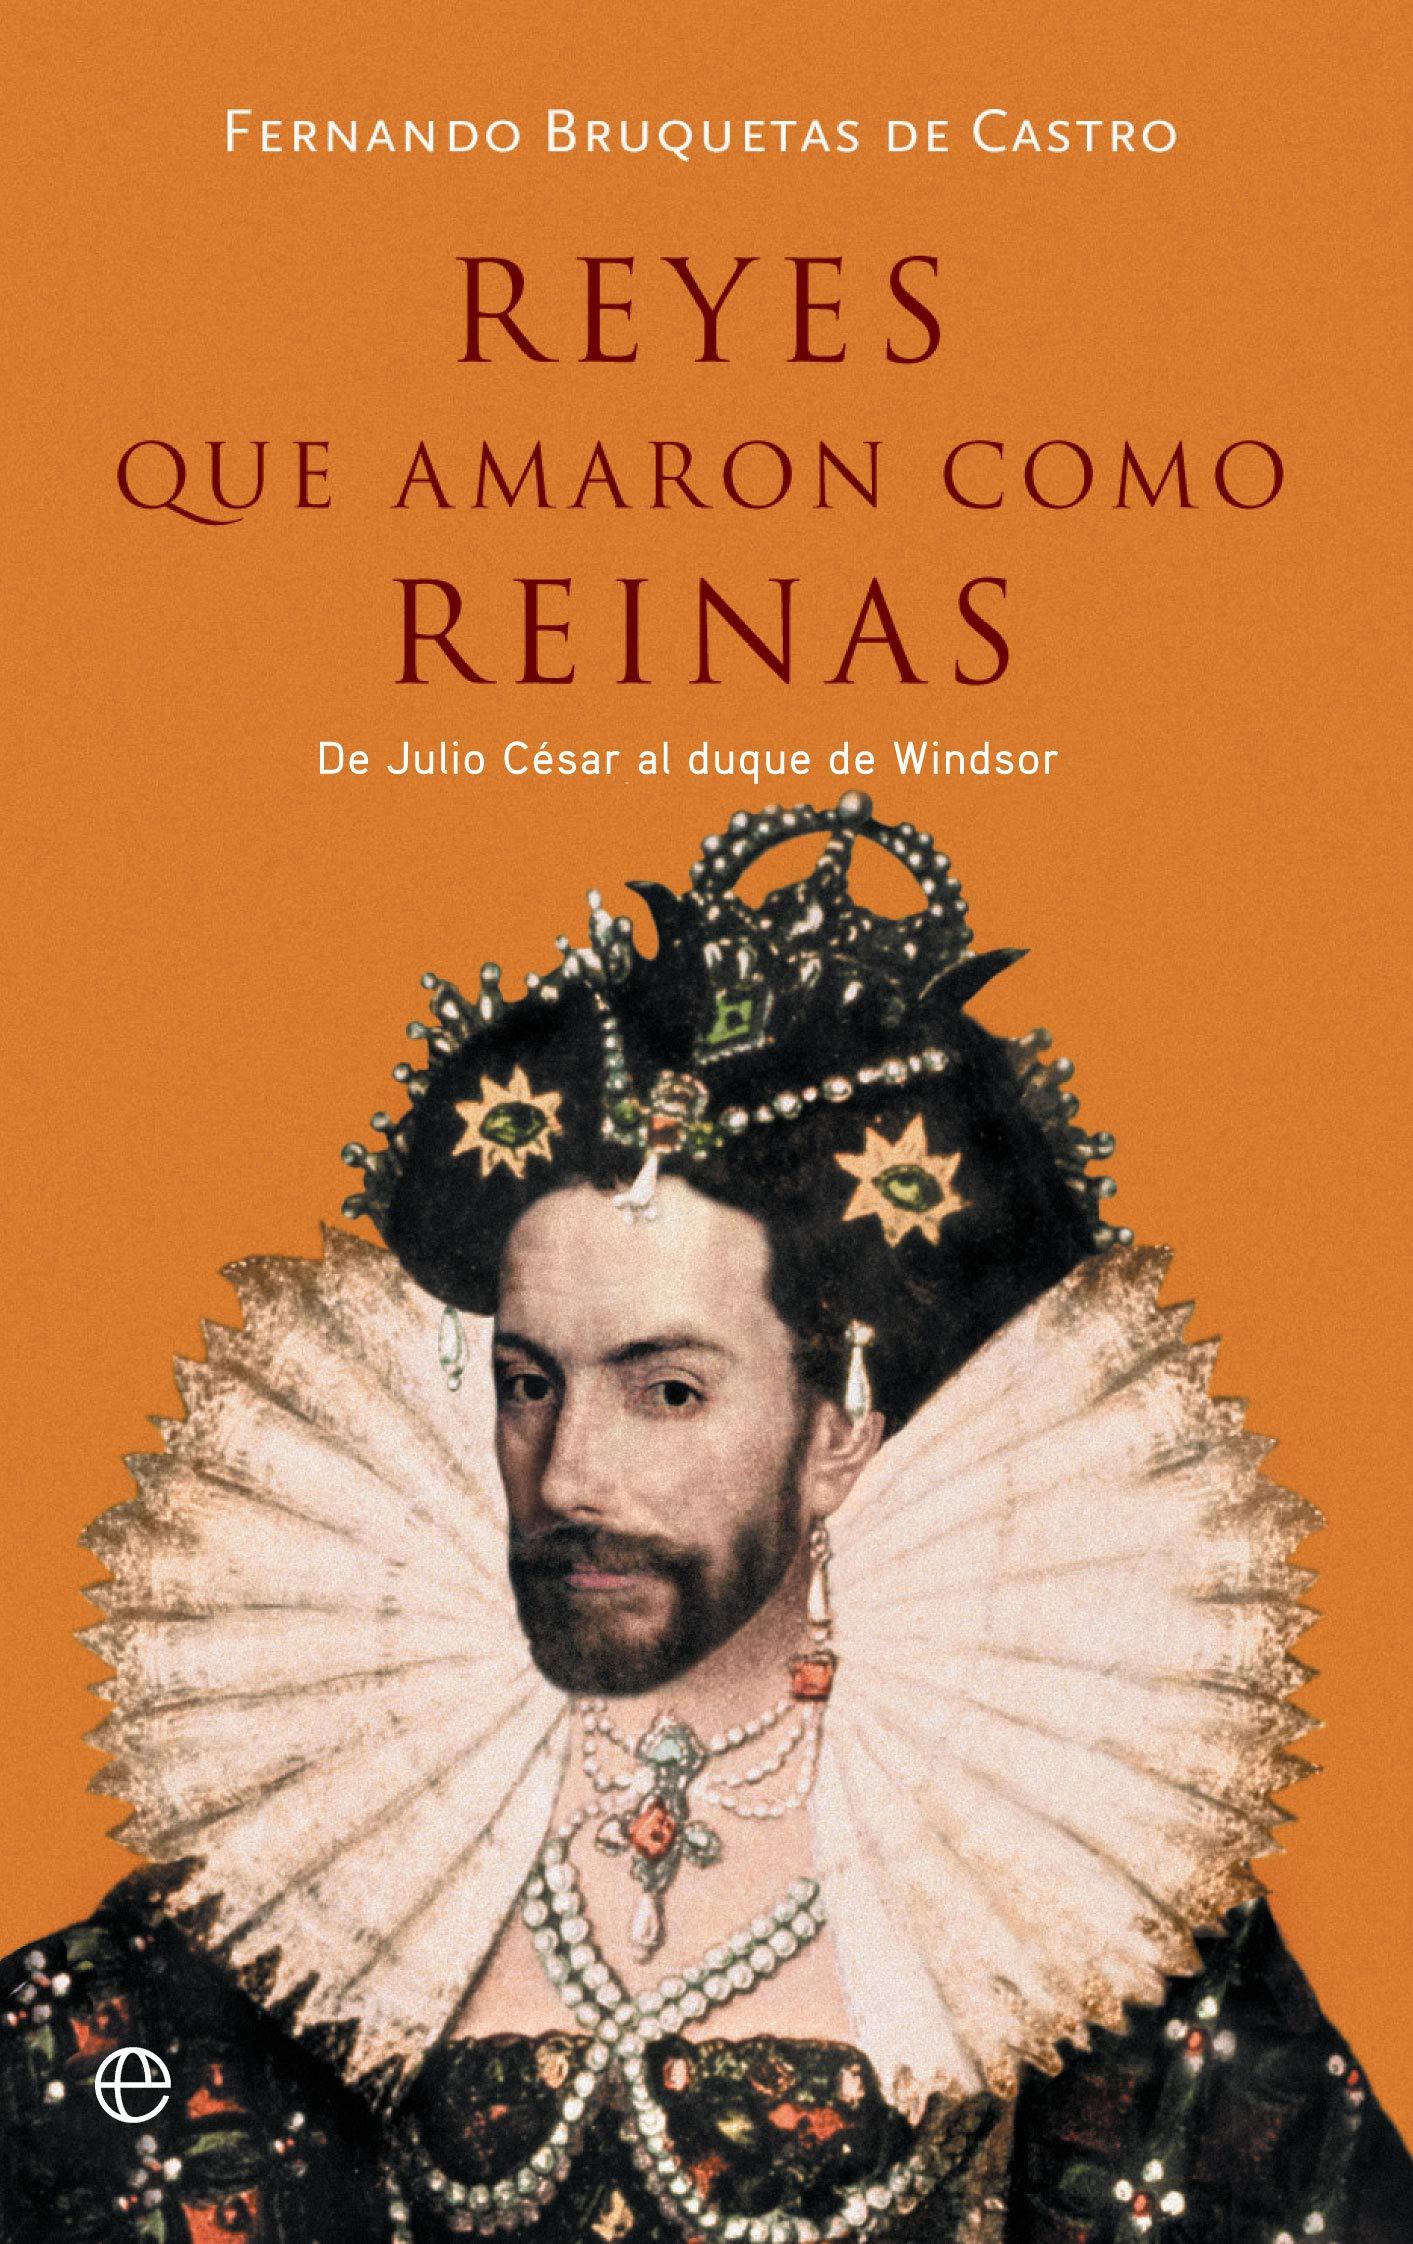 Reyes que amaron como reinas: De Julio César al duque de Windsor: Amazon.es: Bruquetas de Castro, Fernando: Libros